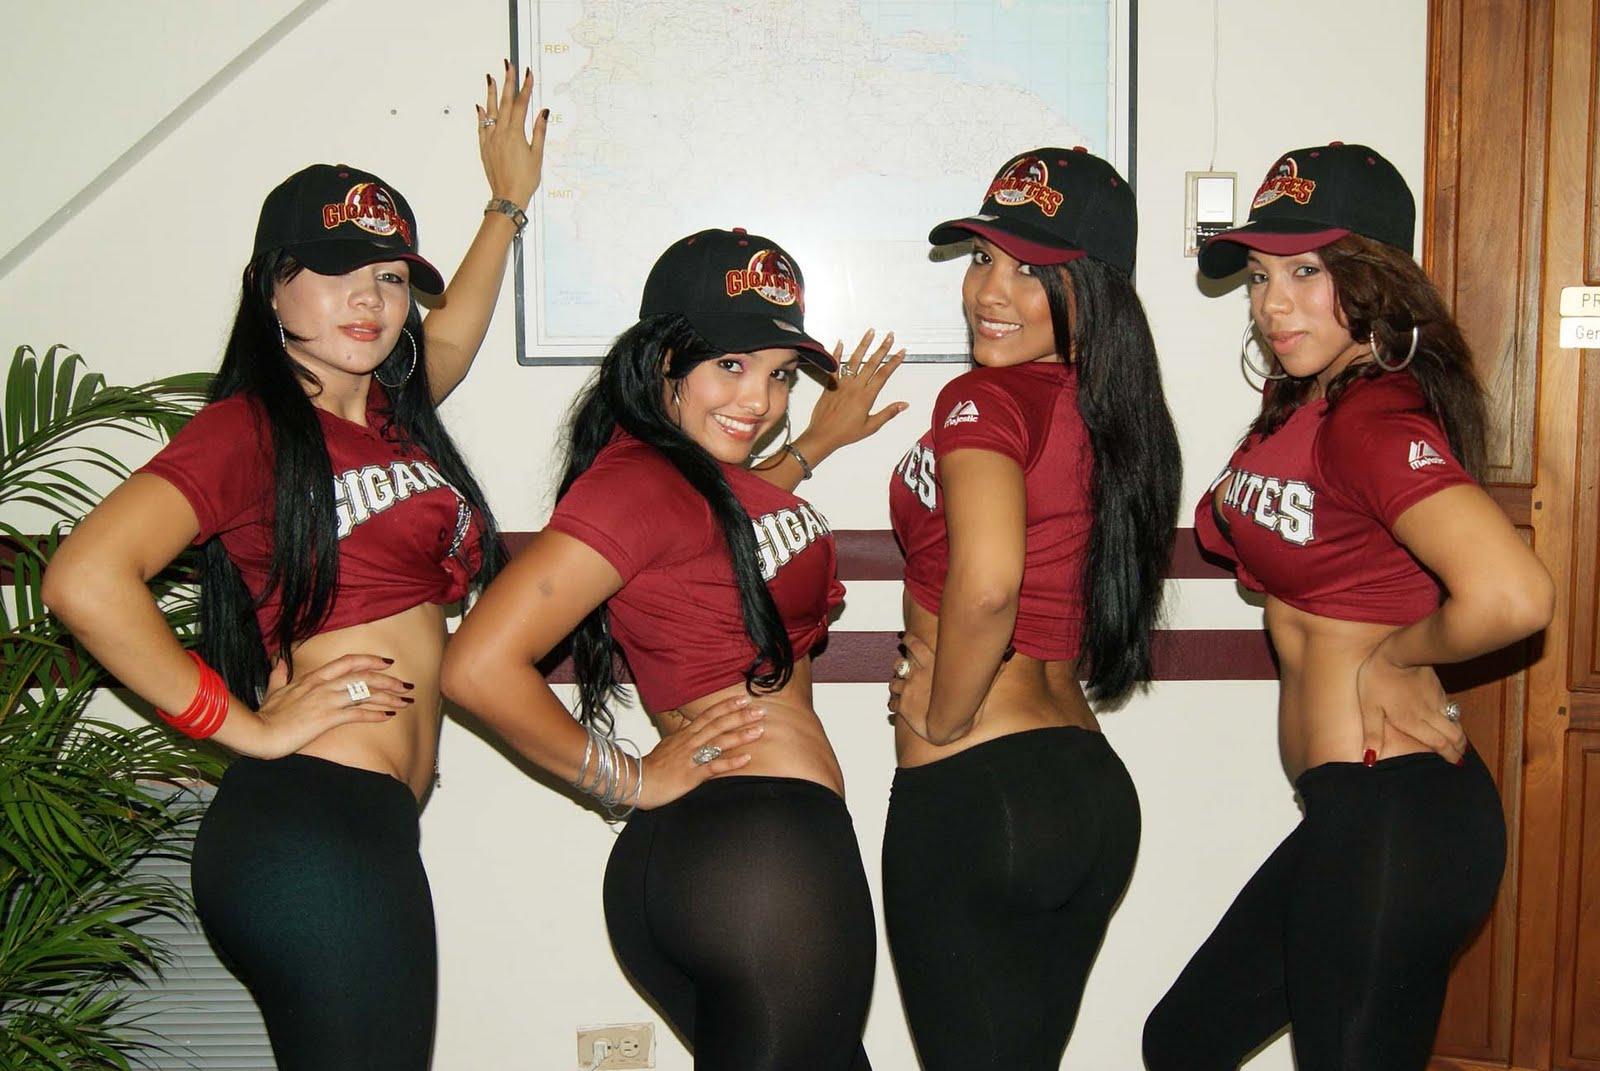 bonitas juagando y posando con uniformes de beisbol lindas chicas